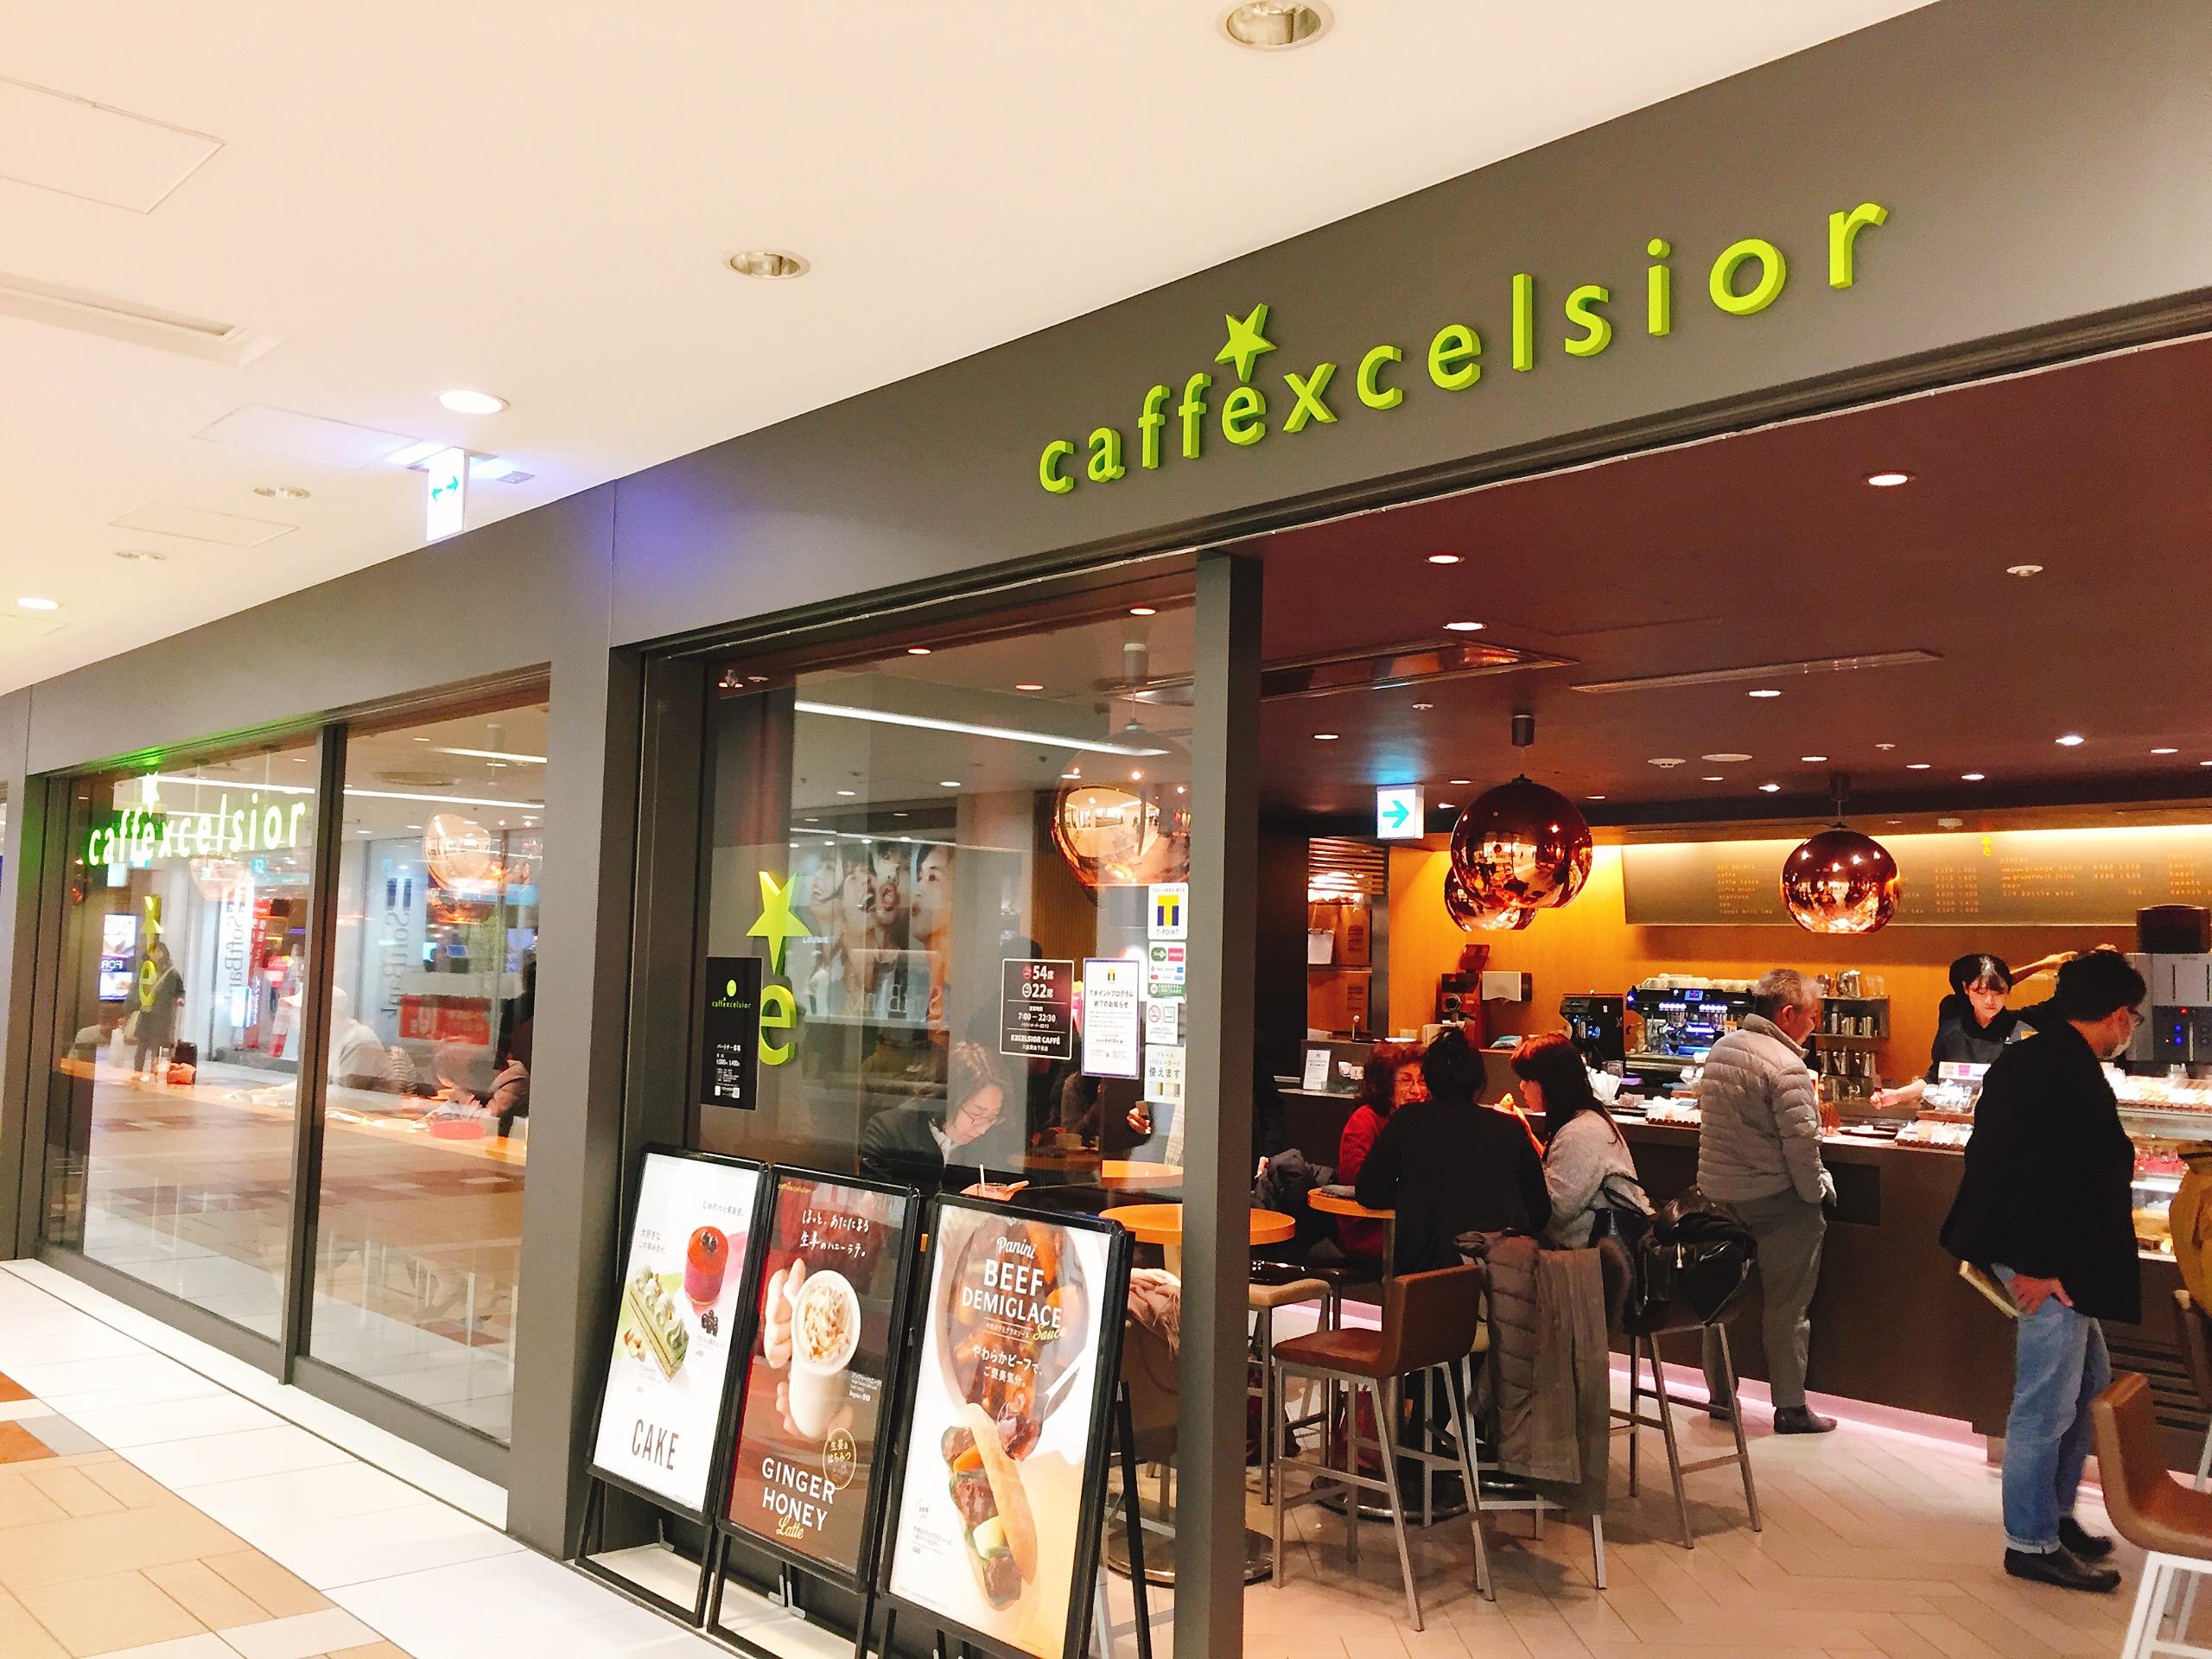 八重洲地下街 電源カフェ エクセルシオールカフェ 八重洲地下街店